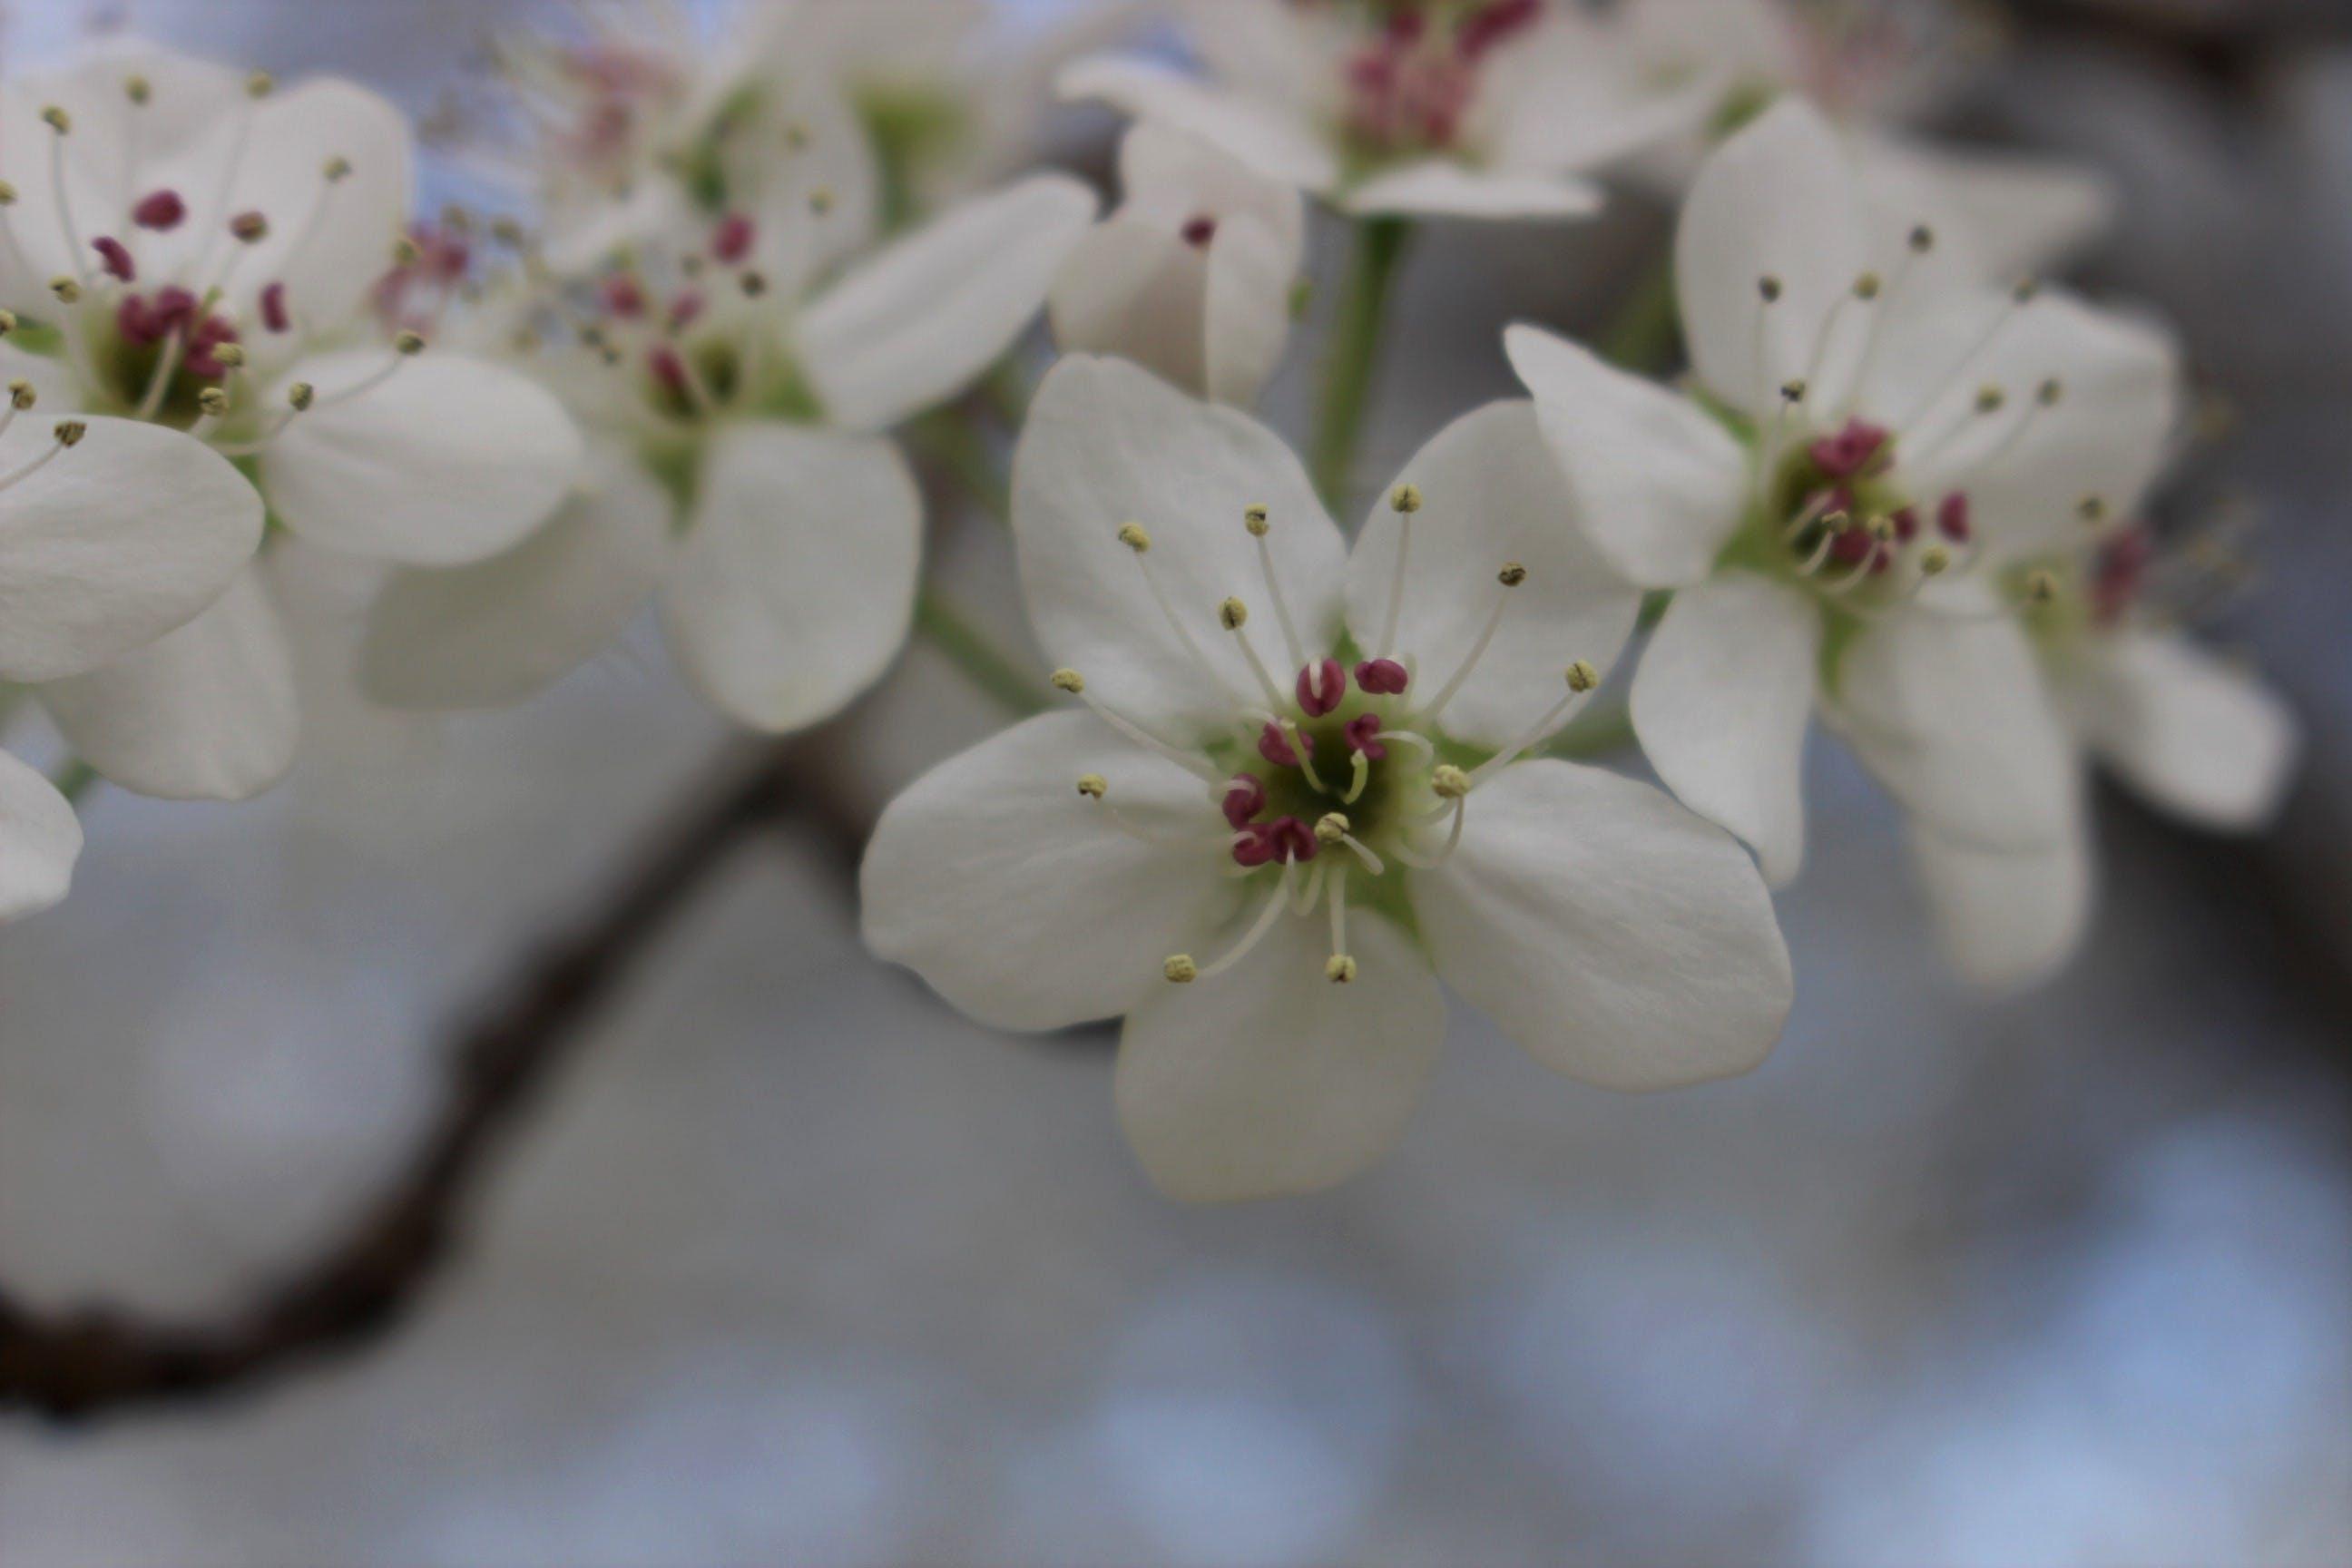 Δωρεάν στοκ φωτογραφιών με δέντρο, κλείνω τα λουλούδια, λουλούδια, φύση